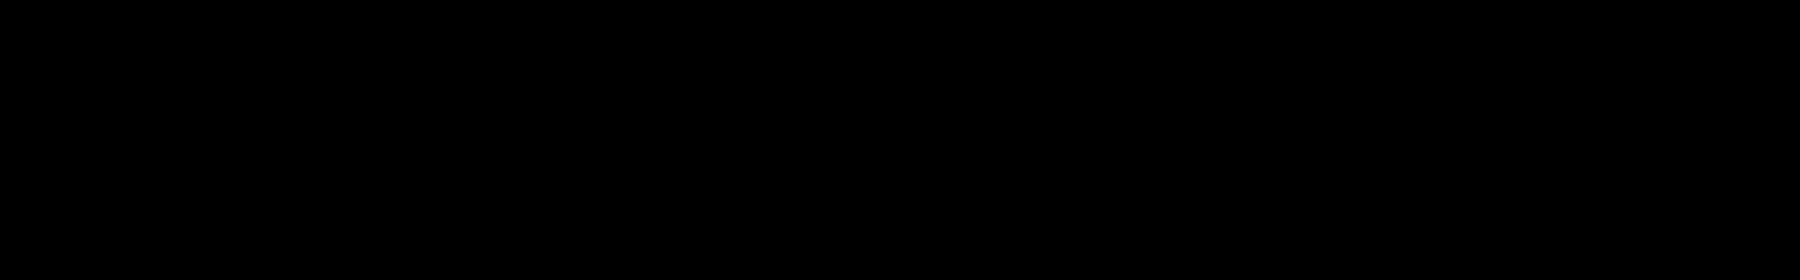 Bandoleros audio waveform